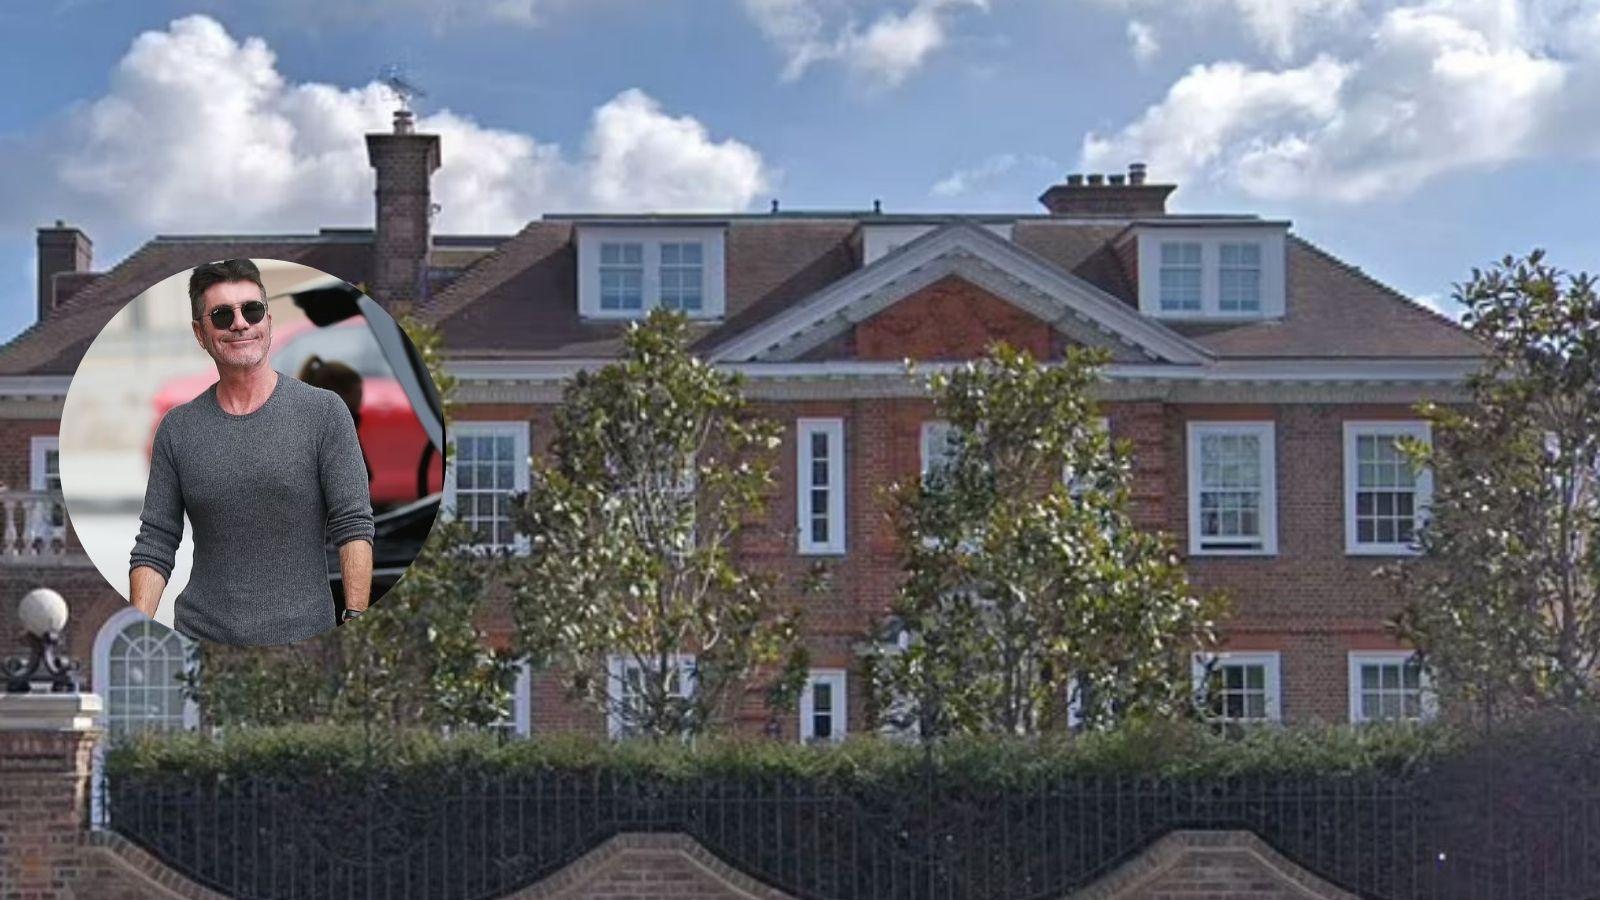 Prezantuesi i njohur televiziv pretendon të shesë rezidencën e tij pasi aludohet se brenda saj ka fantazma